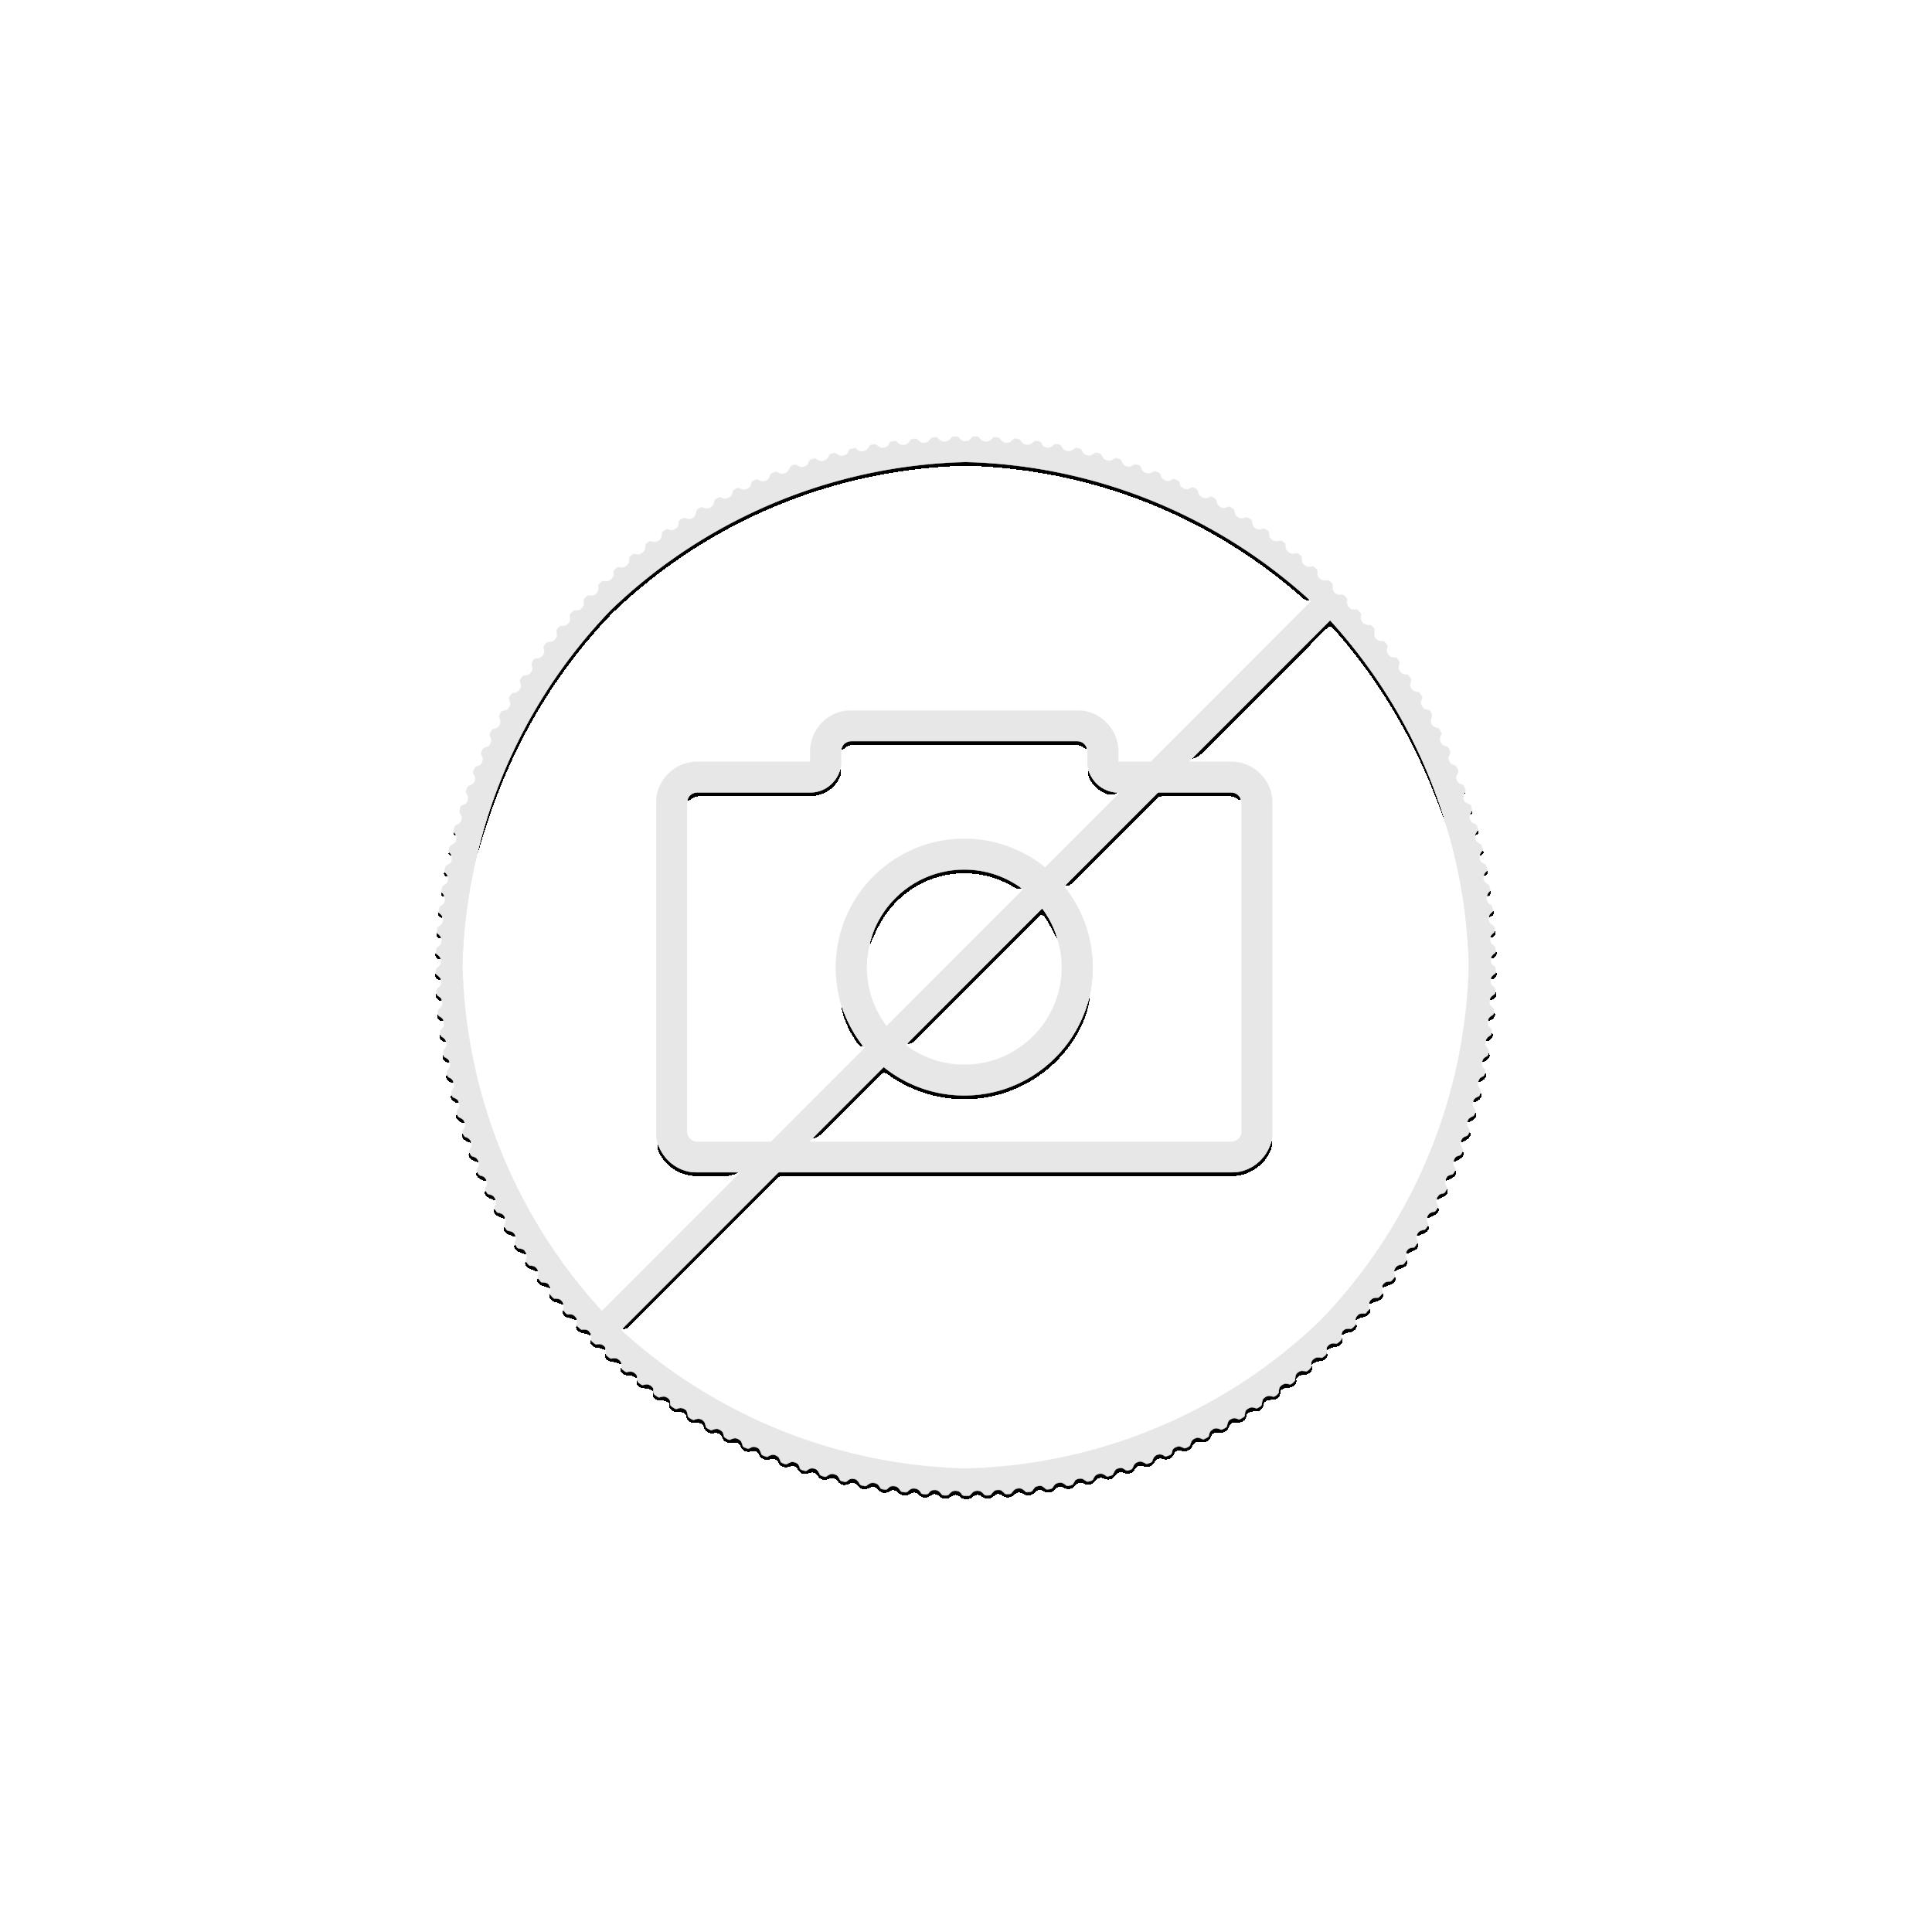 2016 - Zilveren Kookaburra munt 1 troy ounce zilver